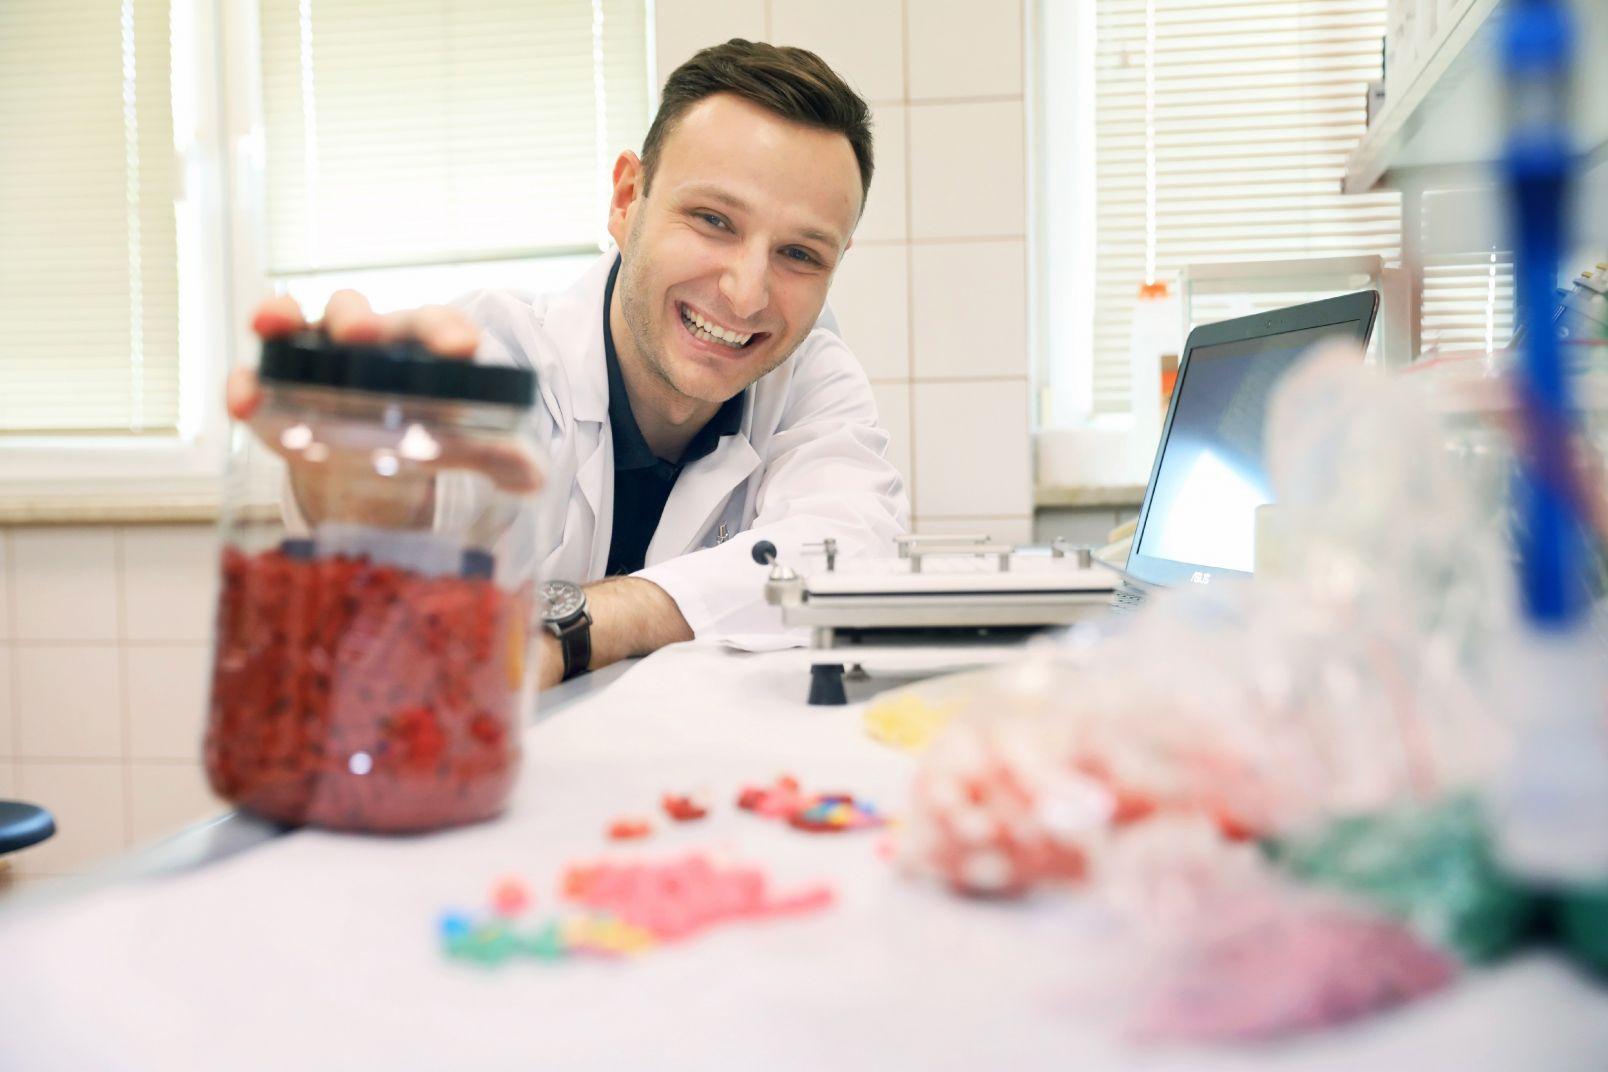 - Sporządzanie leków recepturowych nie jest nudne i odtwórcze - twierdzi dr Maciej Karolak